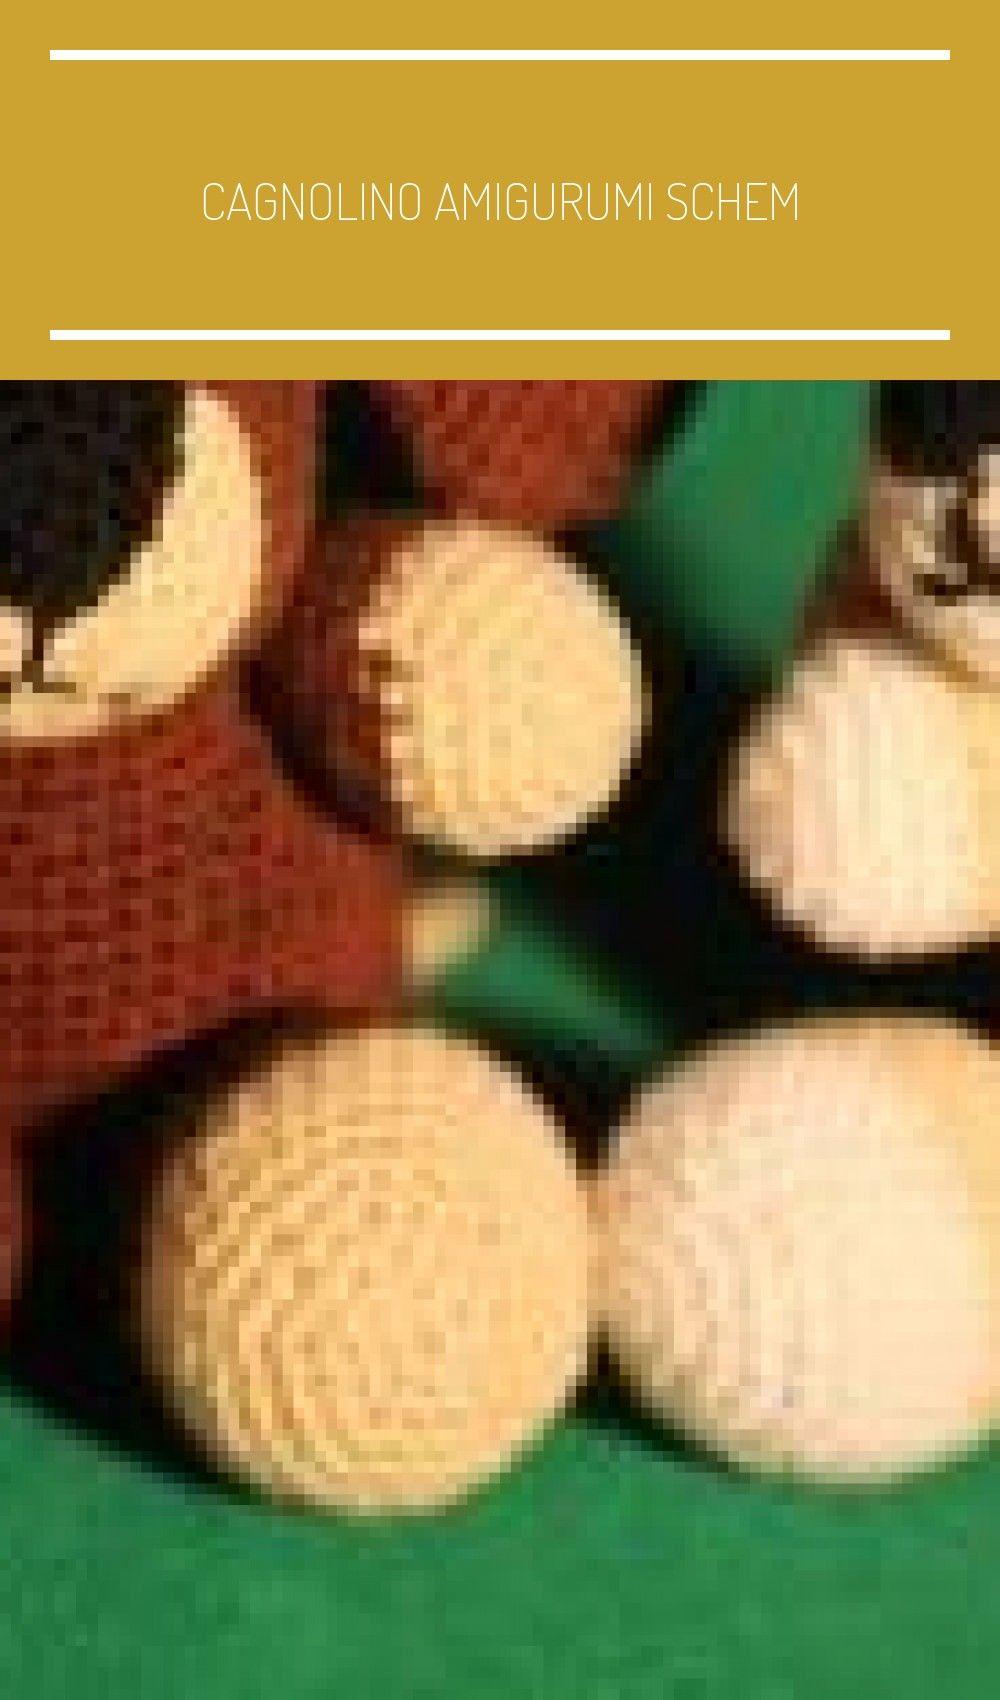 Amigurumi cagnolino free - Amigurumi Gratis Free | 1700x1000